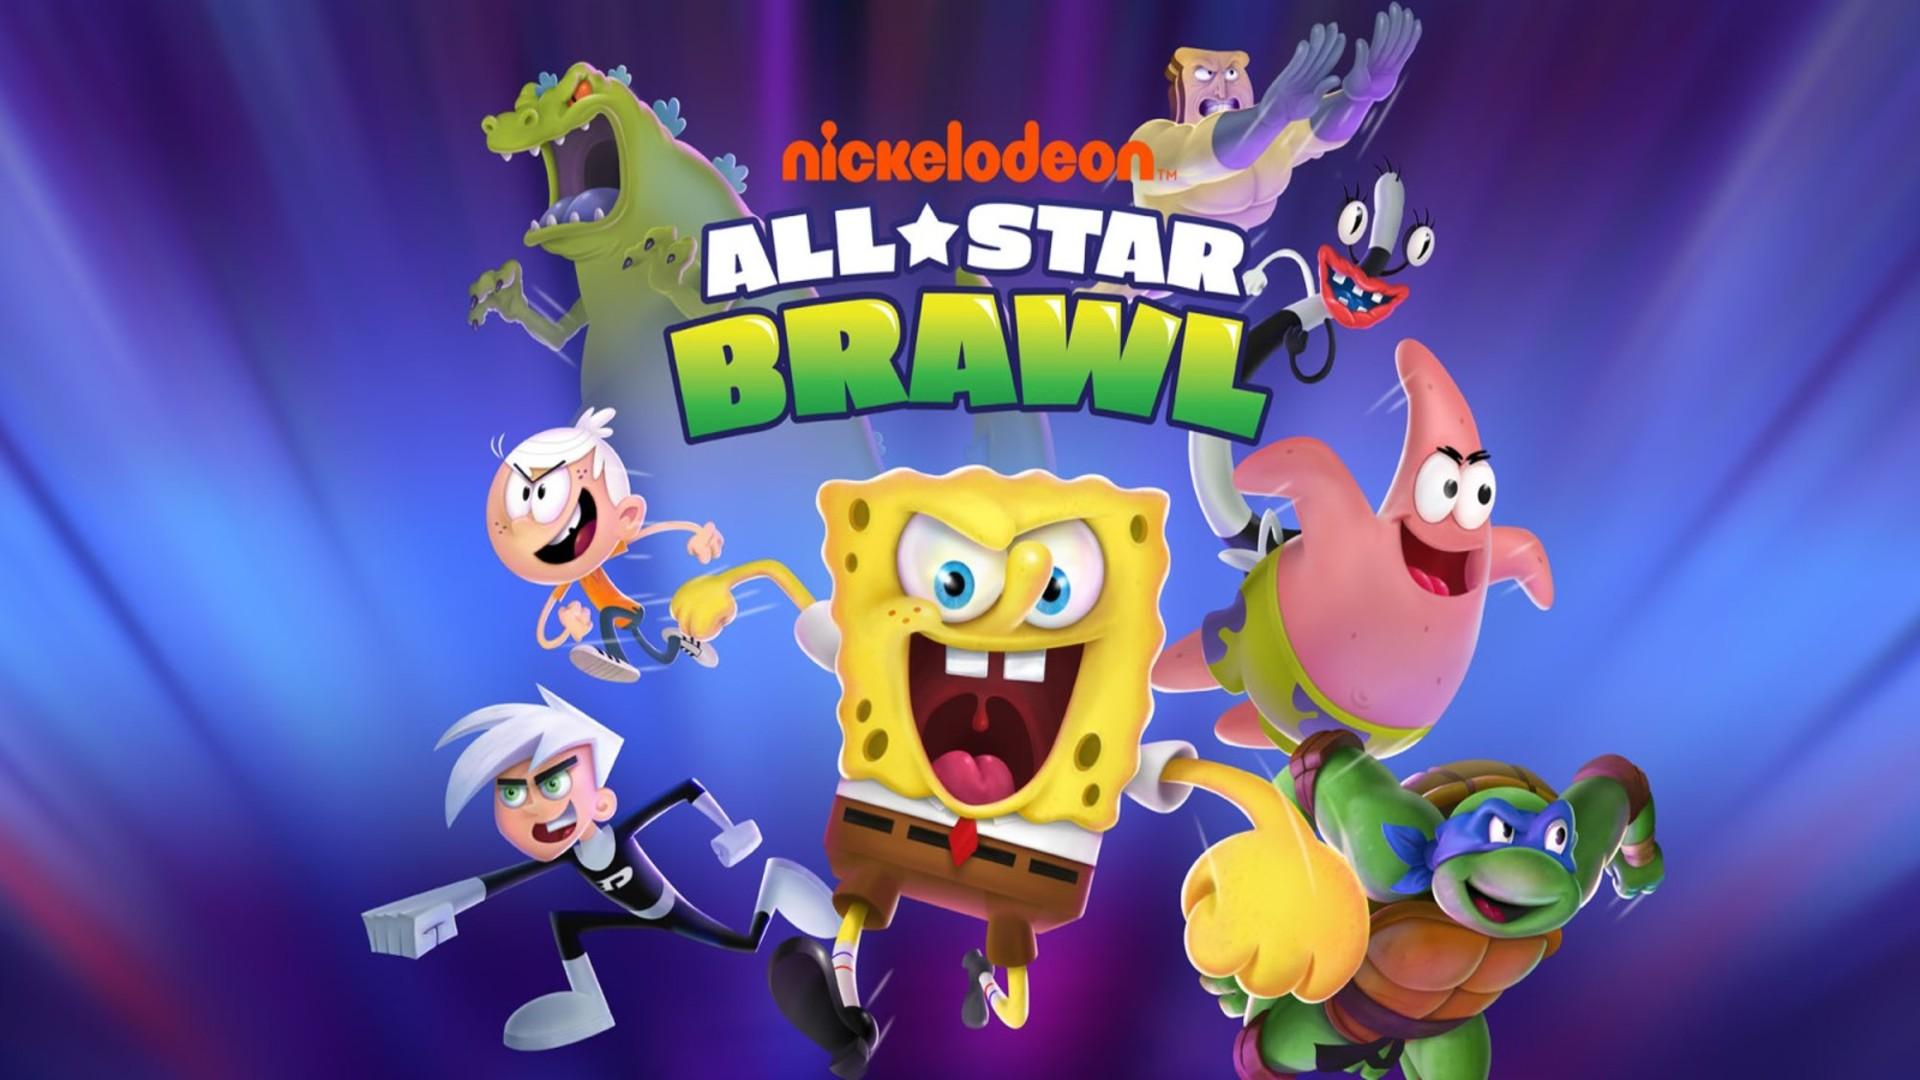 Ludwig organiseert een Nickelodeon All-Star Brawl-toernooi